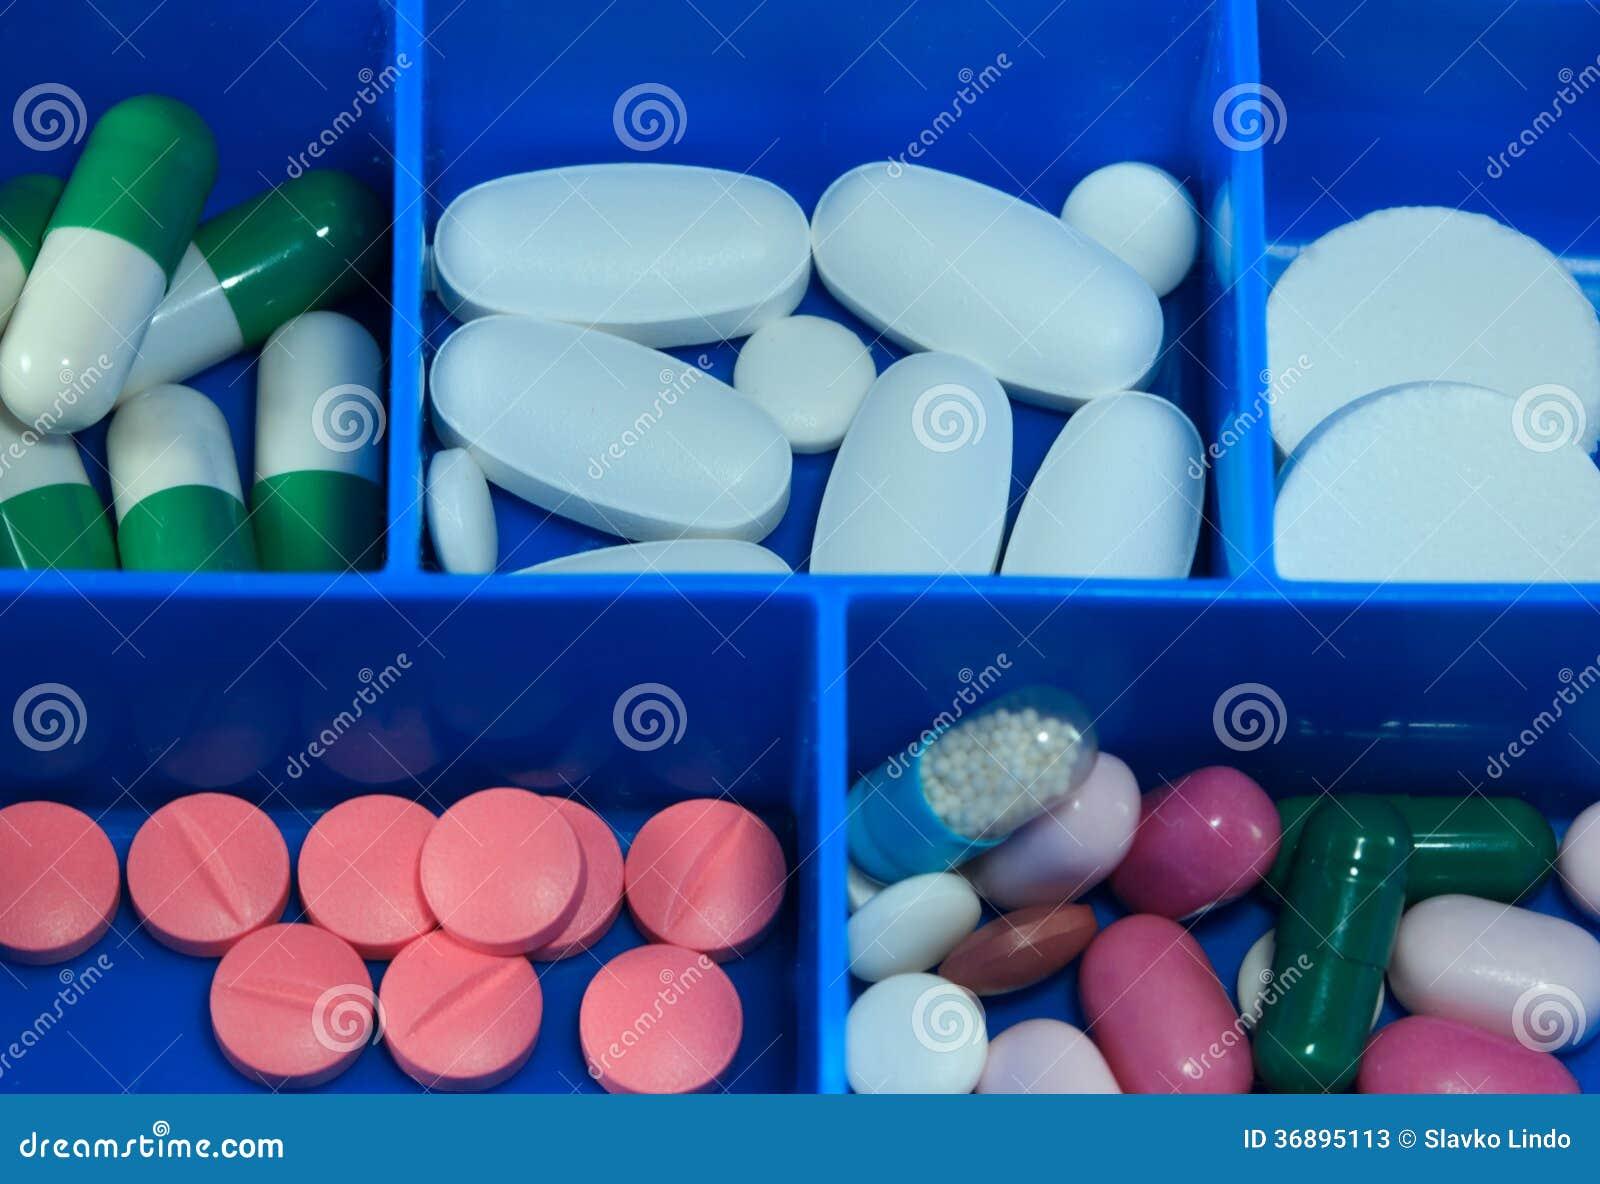 Download Pillole & Capsule Della Medicina Immagine Stock - Immagine di chimica, chemioterapia: 36895113